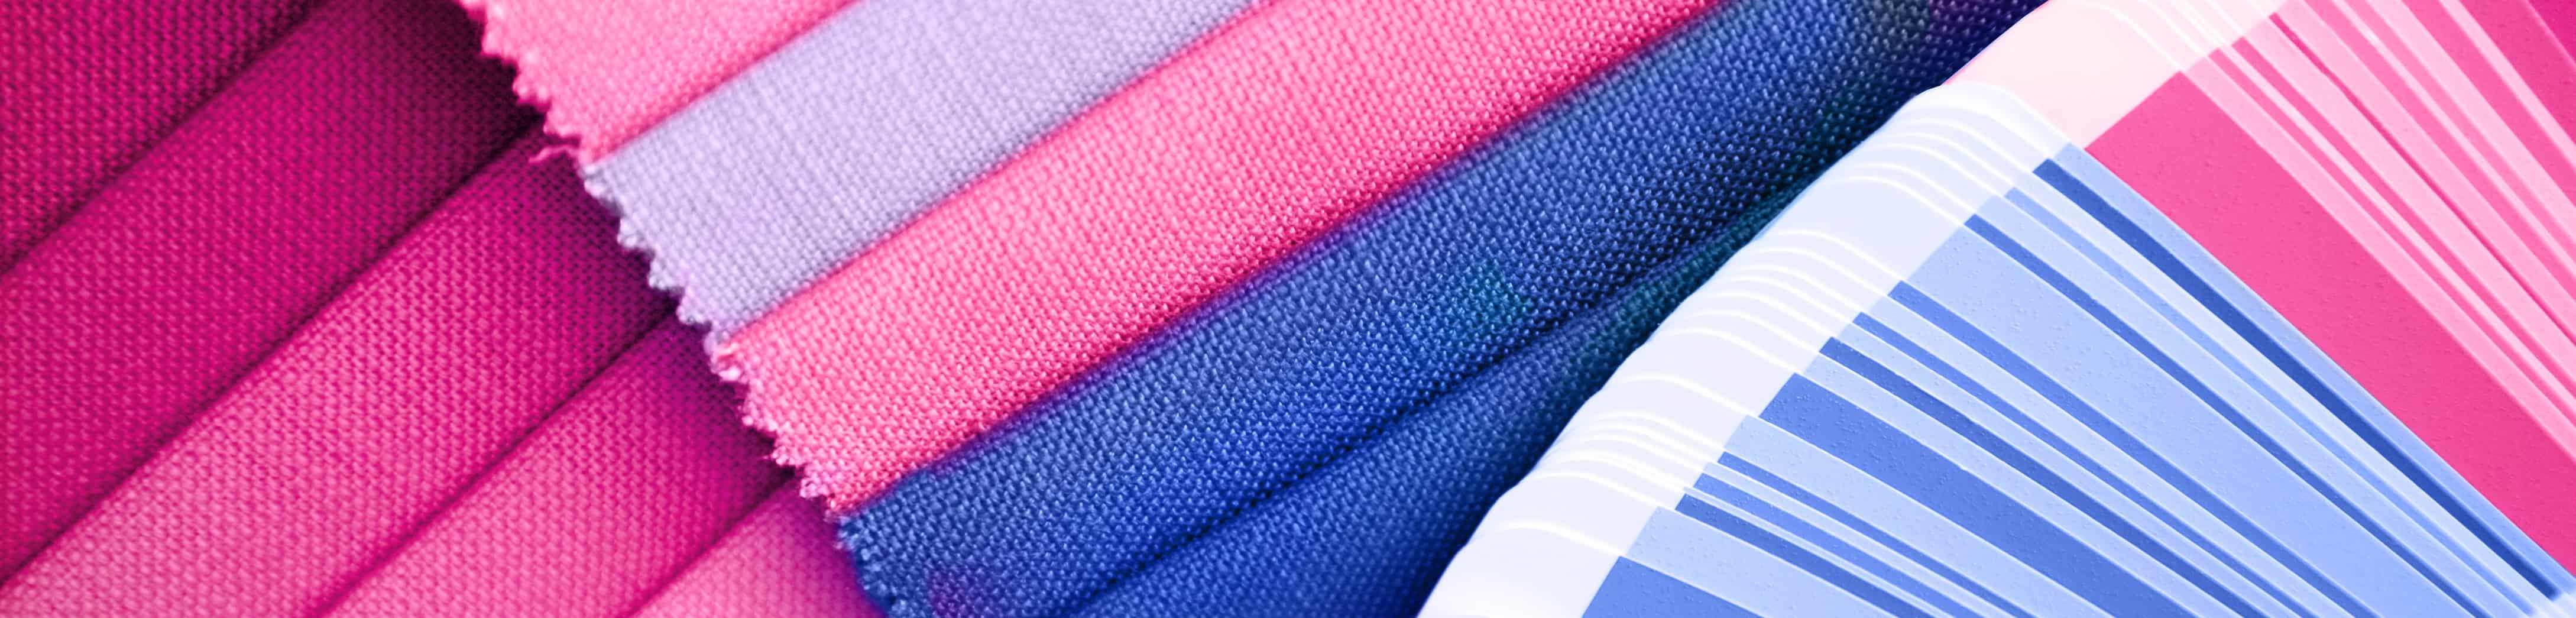 ANTEX Sprzedaż hurtowa tkanin